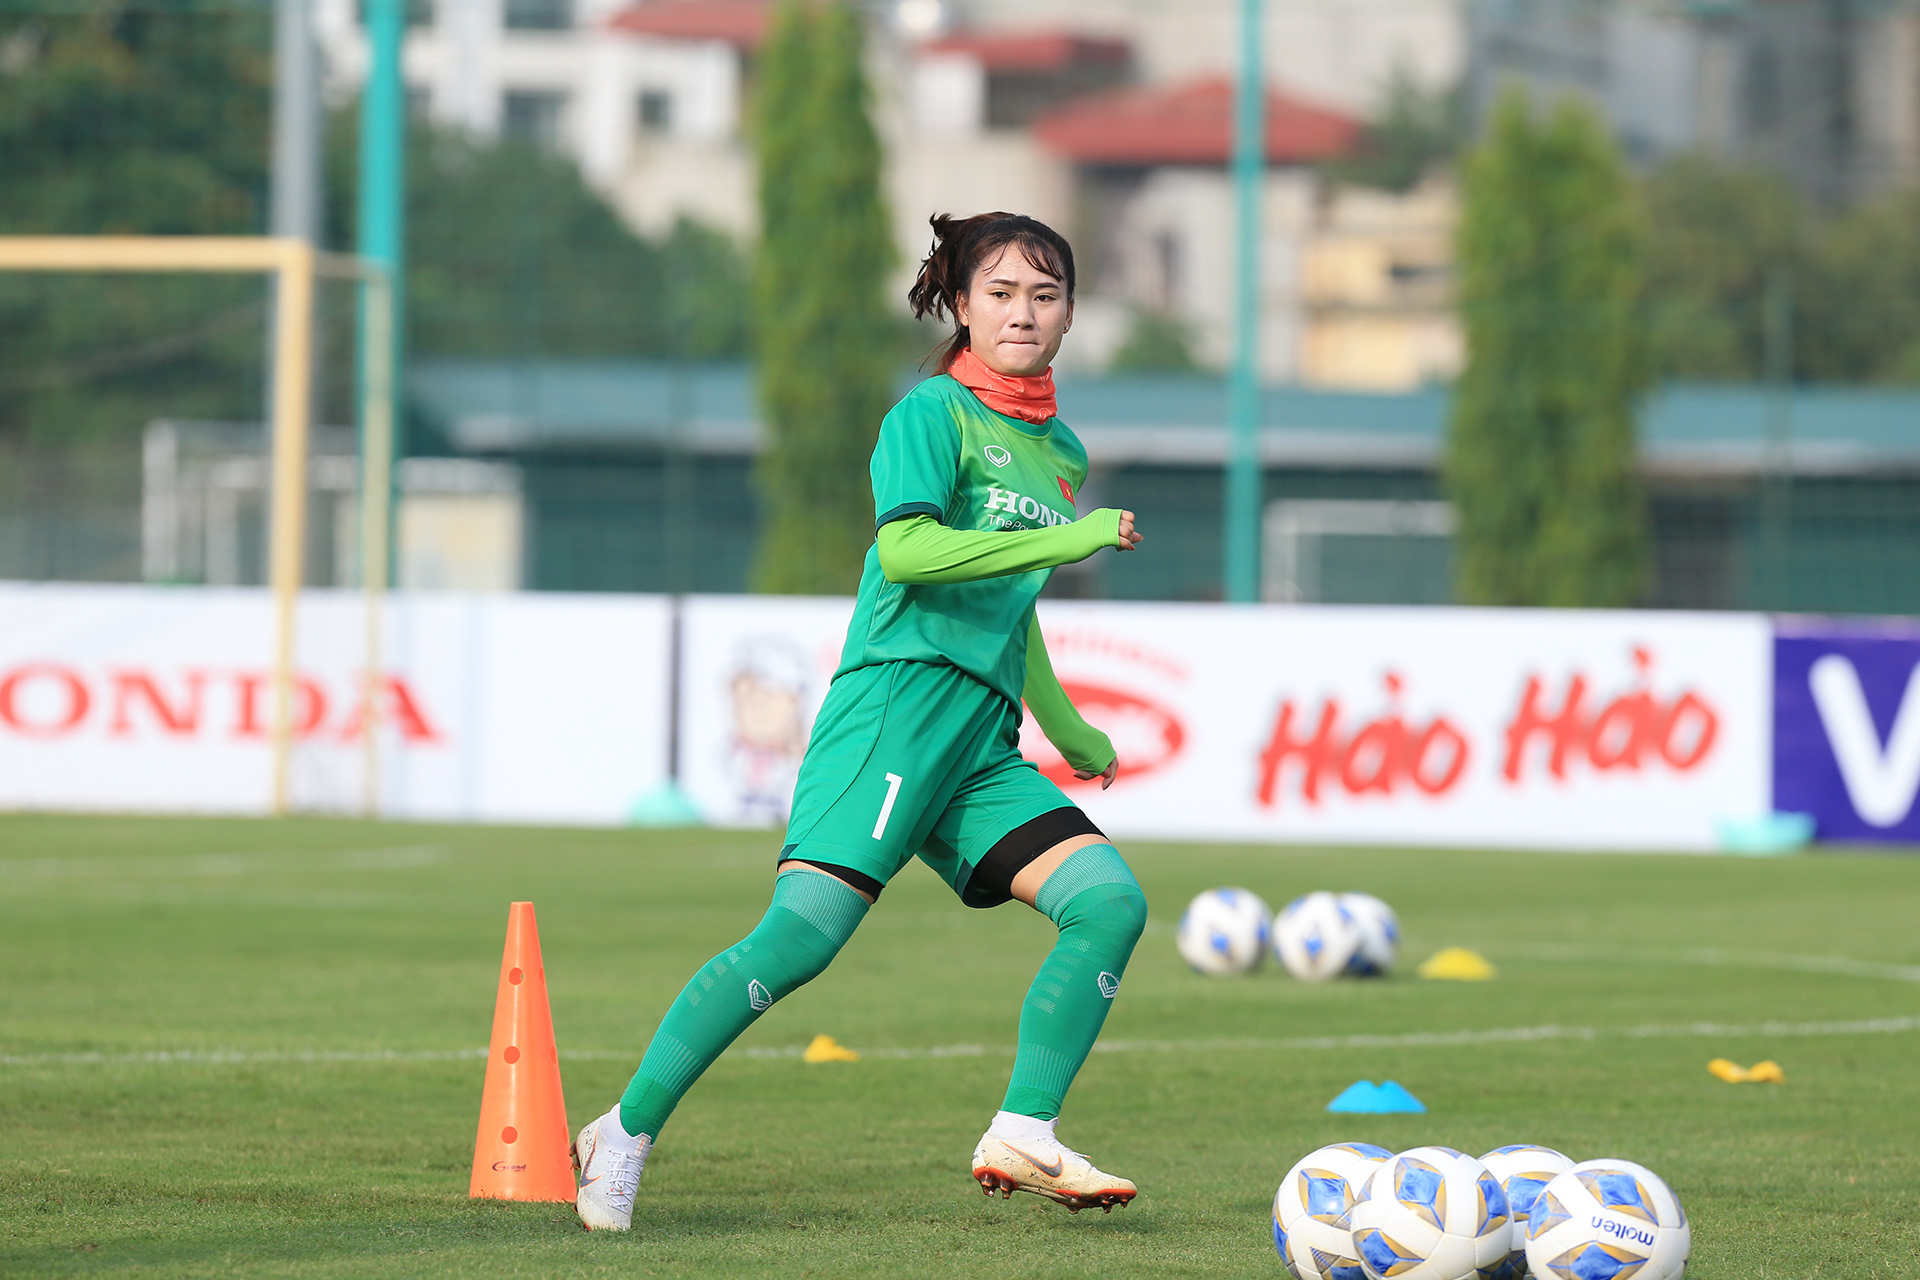 Đội tuyển nữ làm quen với các bài tập thể lực của chuyên gia nước ngoài -0